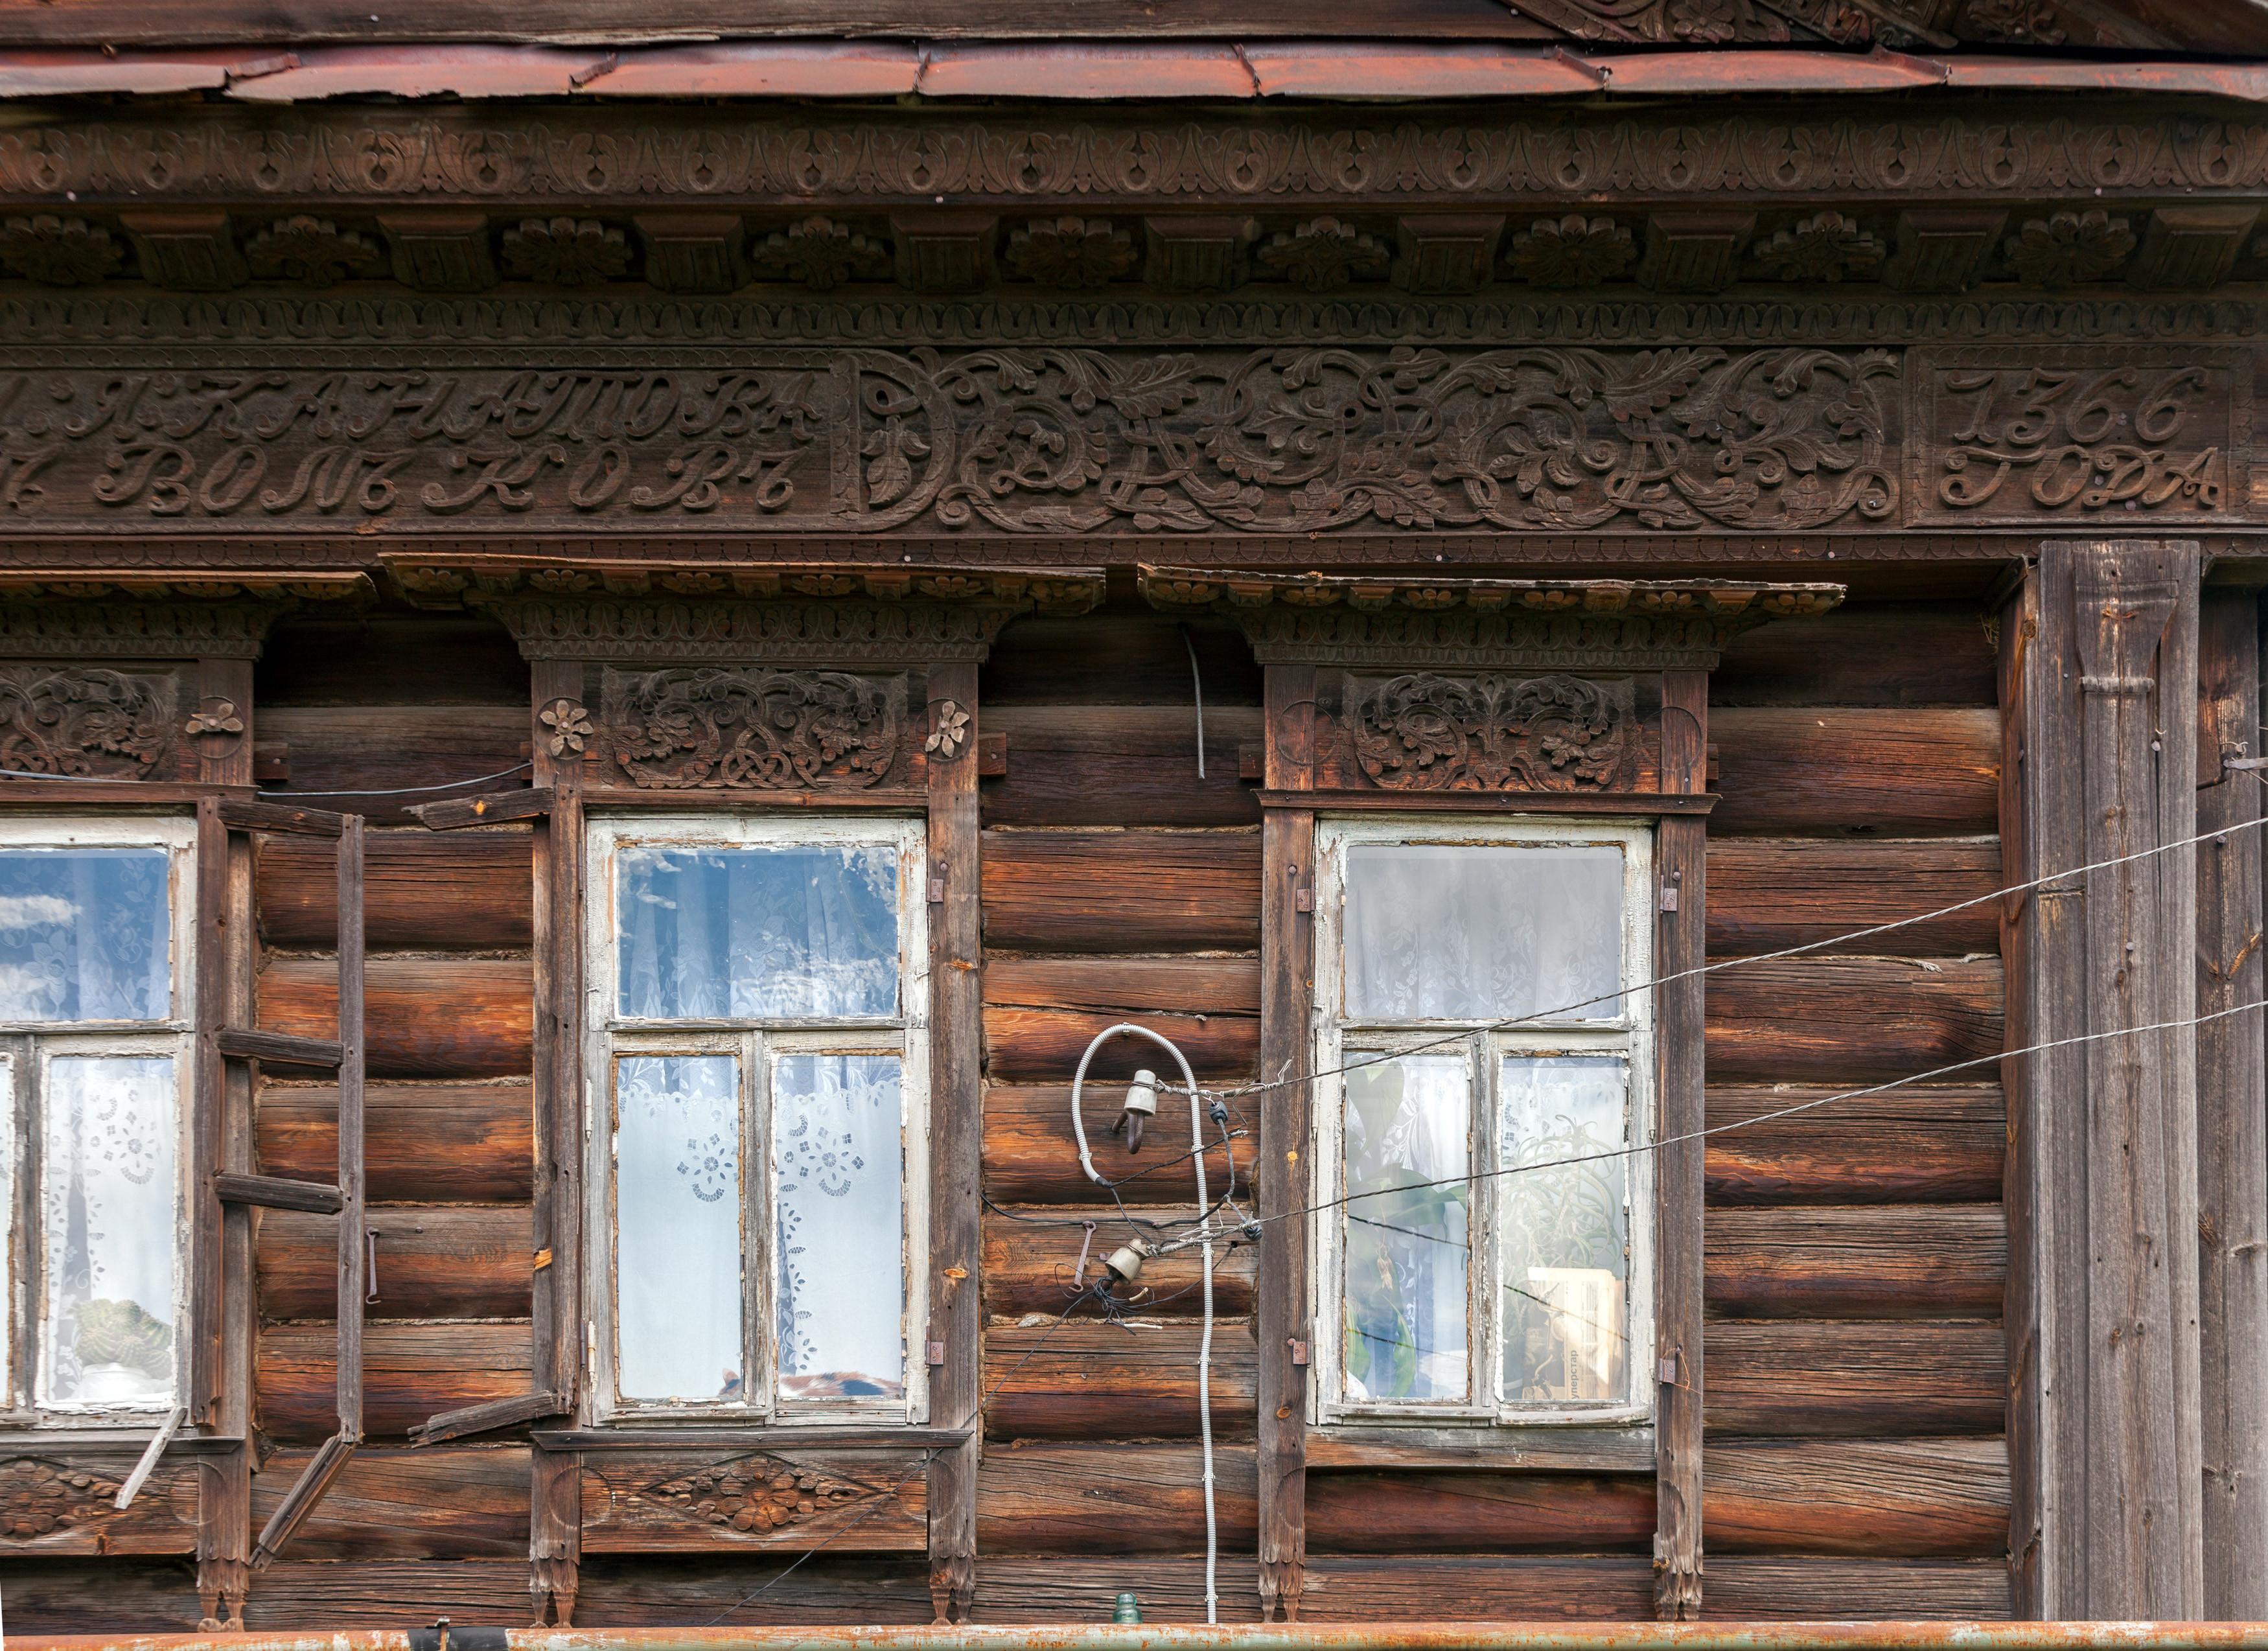 Самый старый наличник в коллекции (Лукино, Нижегородская область, 1858 год). Дом принадлежал староверам. Фото: © Иван Хафизов